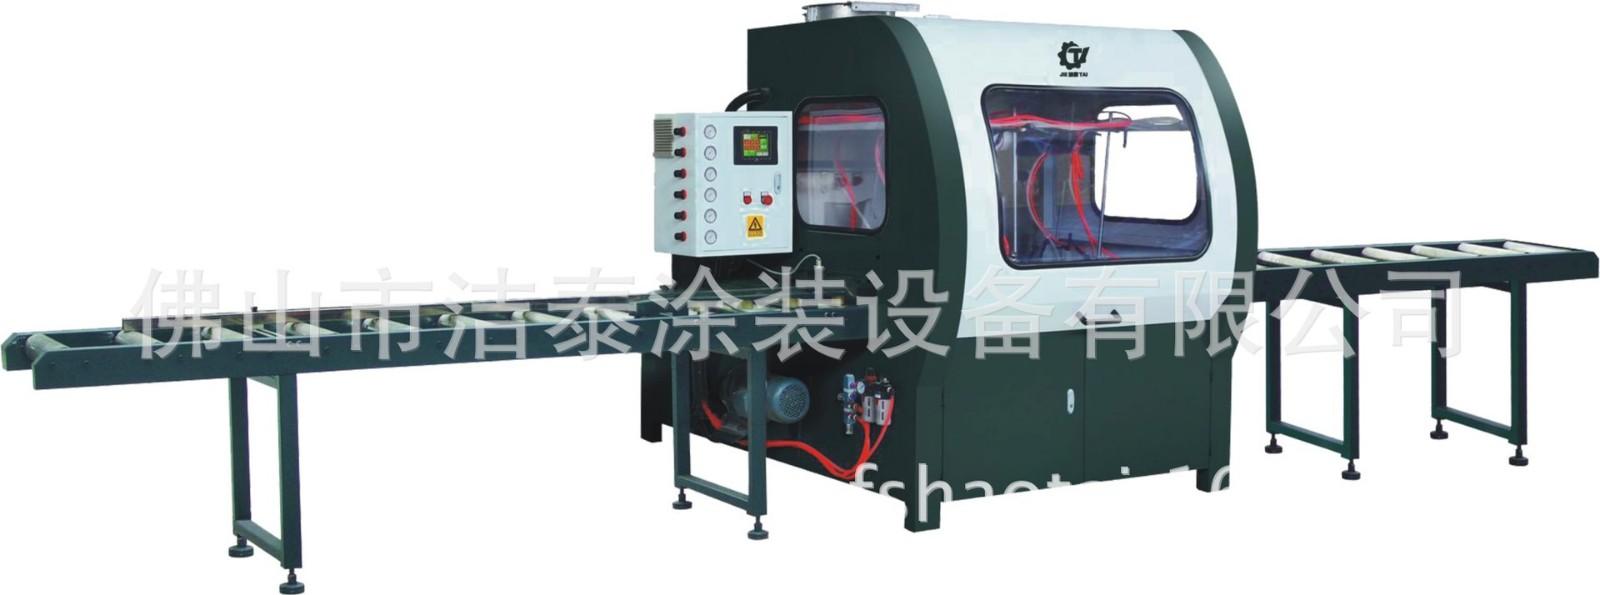 【品质保证】供应JTX40线条和门框喷漆机 厂家直销